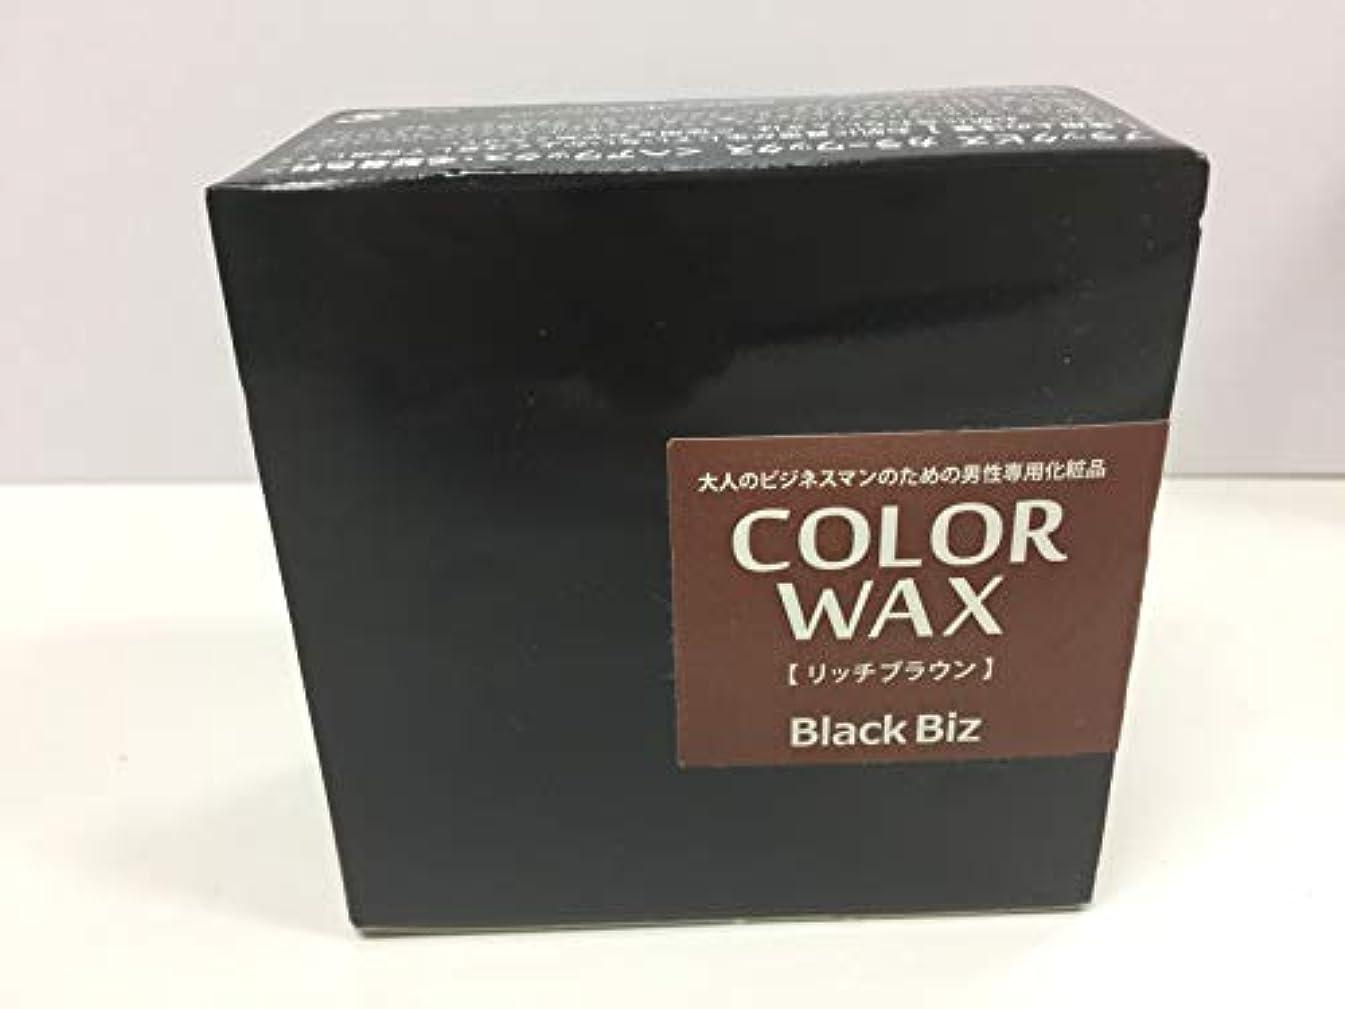 不誠実改善するショップ大人のビジネスマンのための男性専用化粧品 BlackBiz COLOR WAX ブラックビズ カラーワックス 【リッチブラウン】